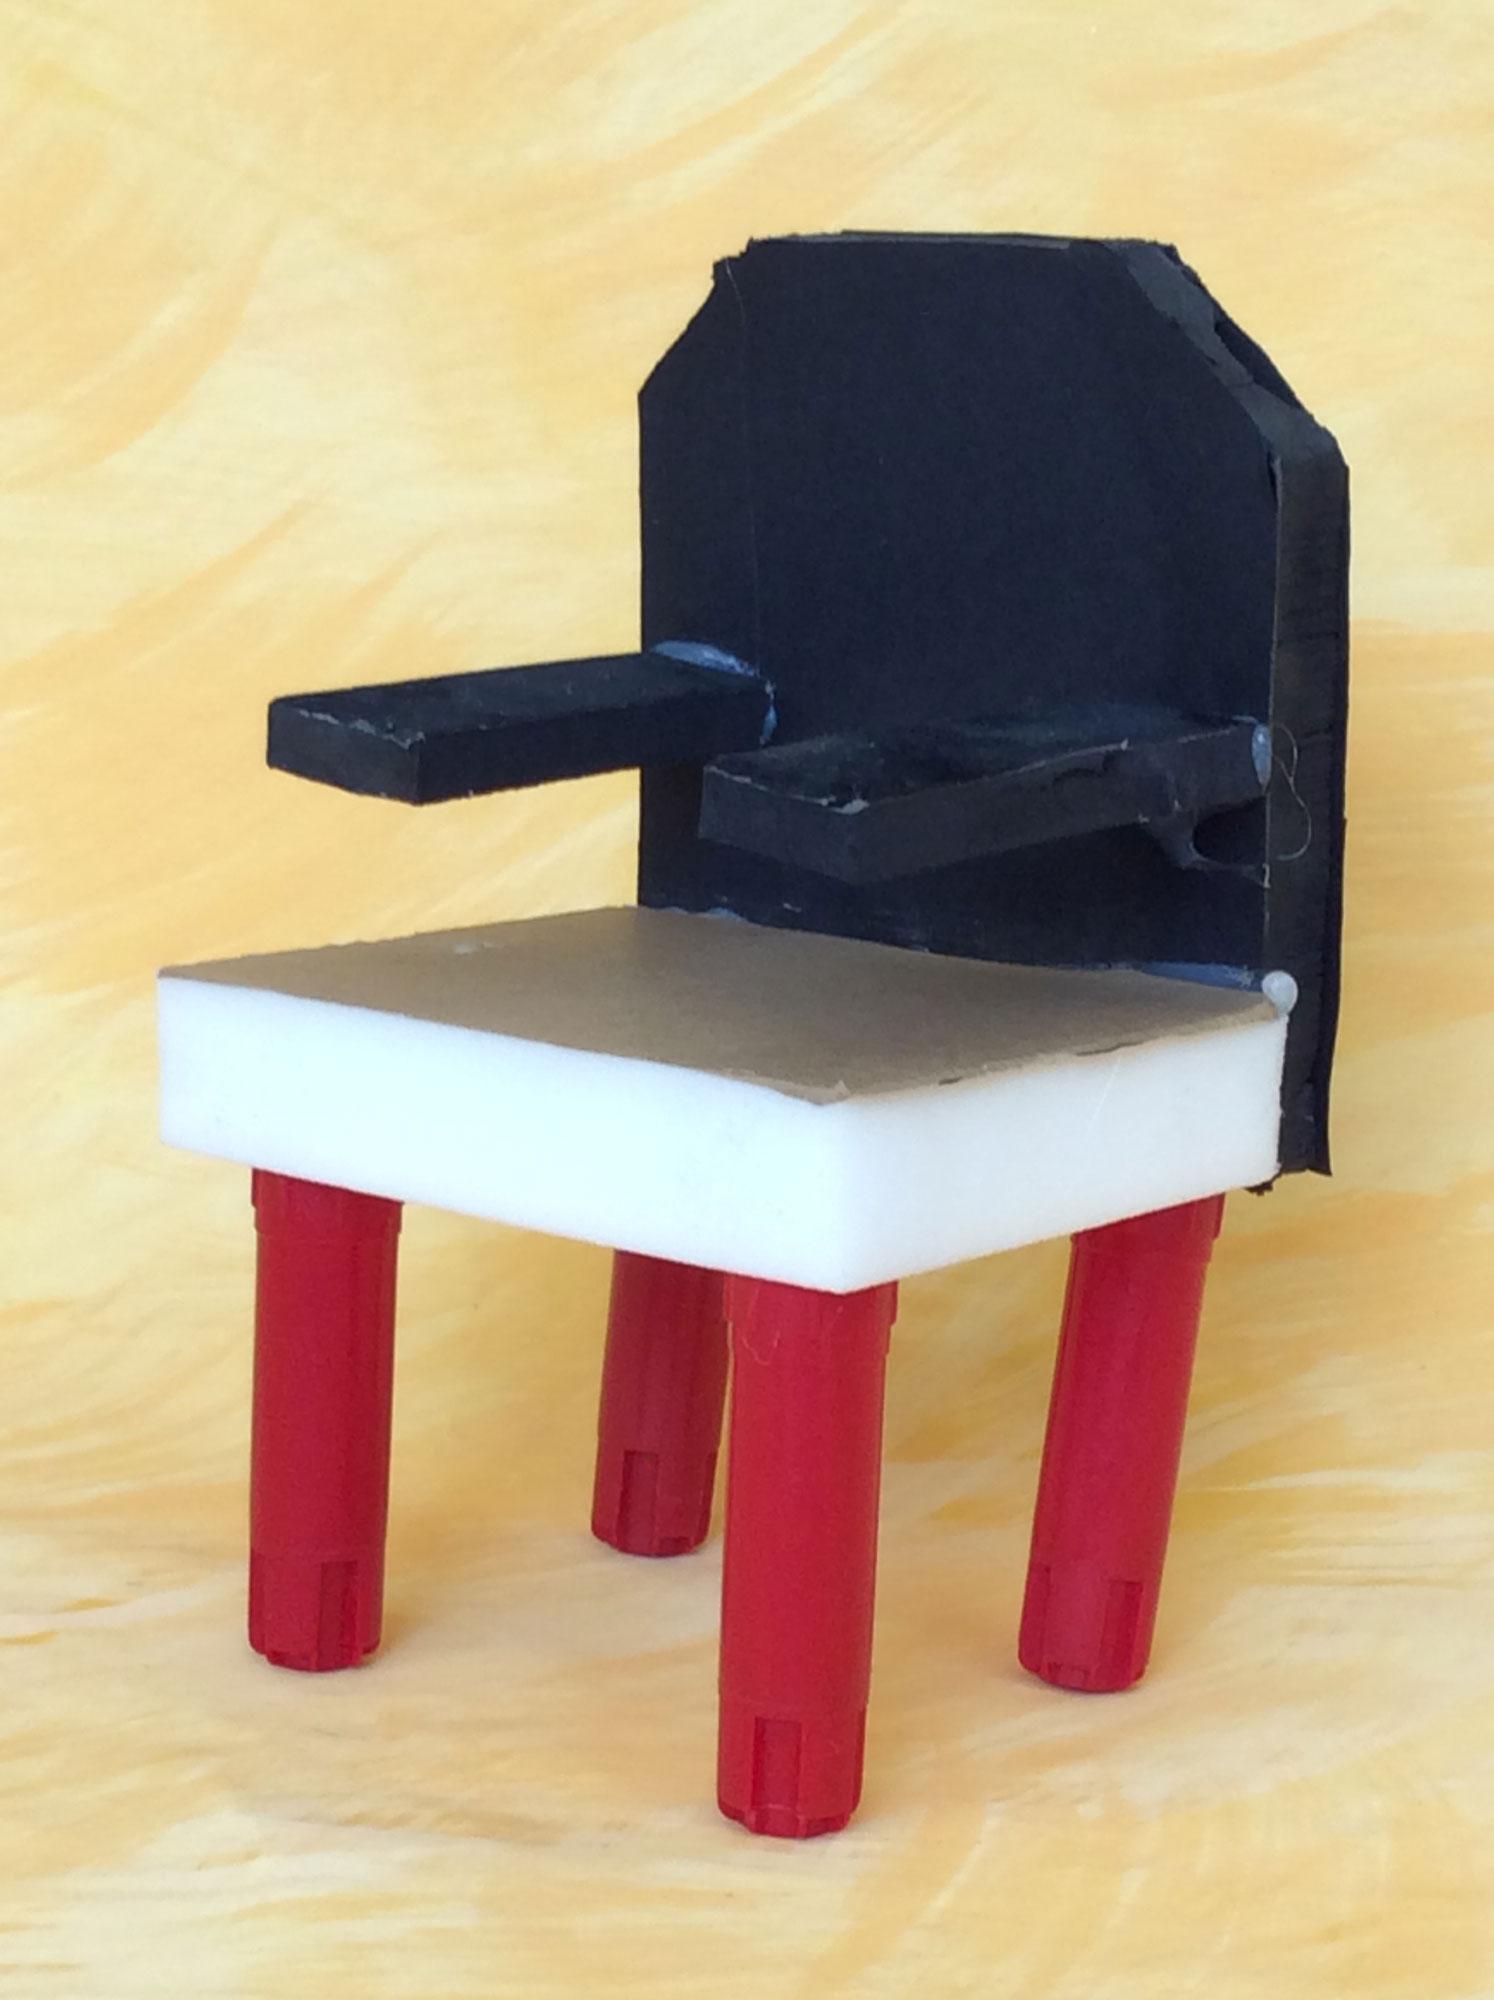 escola-auro-cadires-escola-impremta-11